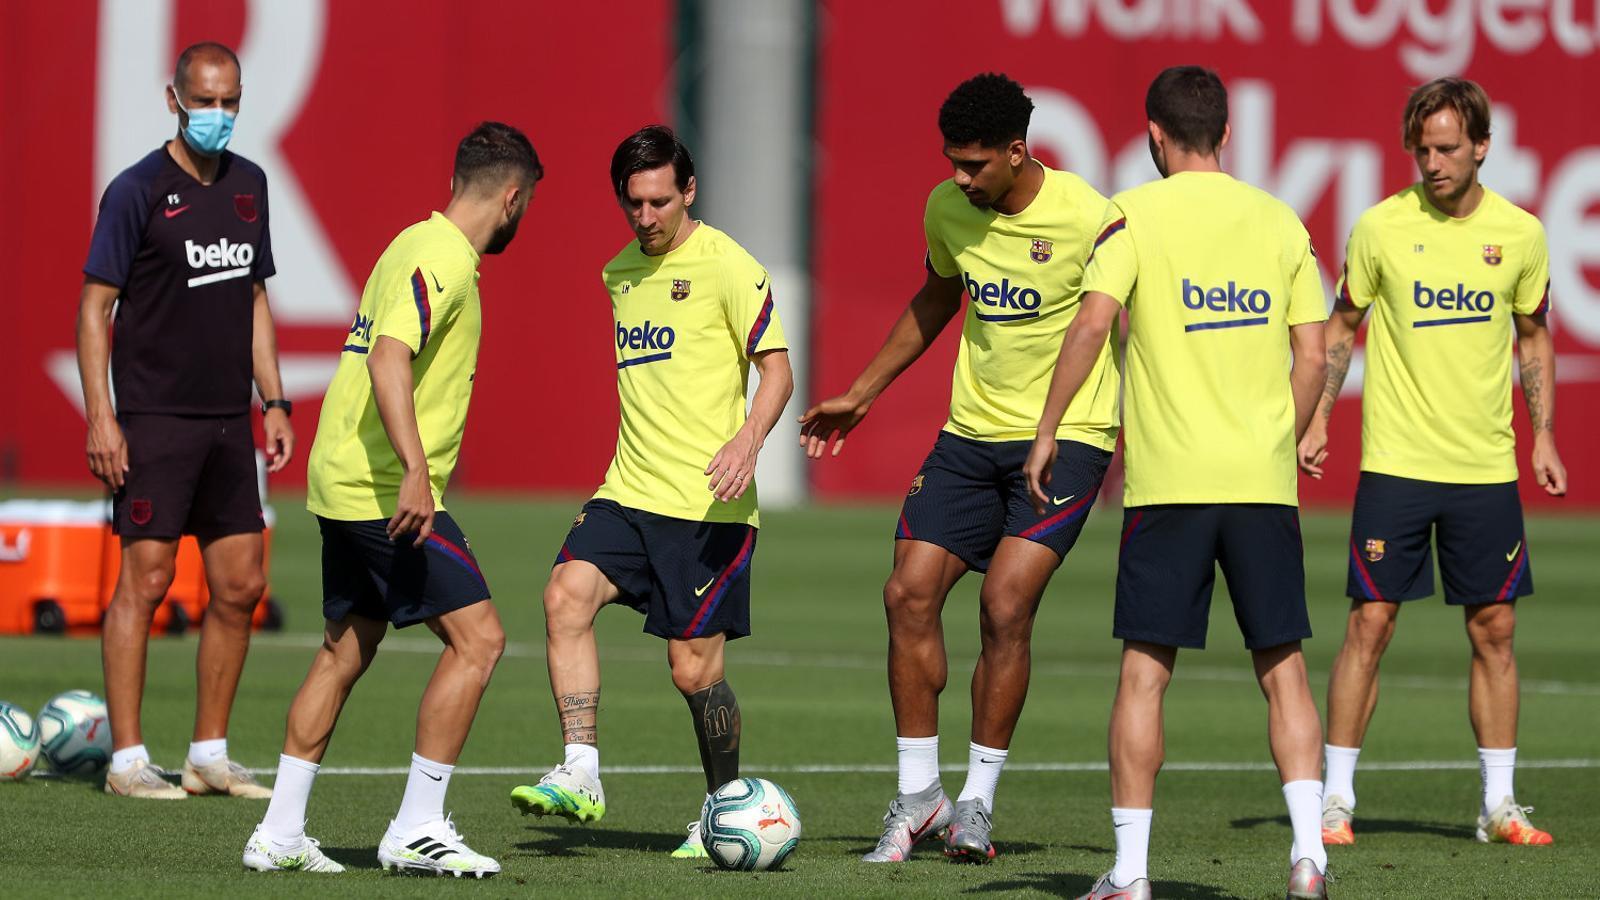 Messi durant l'entrenament d'ahir. L'argentí intentarà marcar el seu gol número 700 contra l'Atlètic de Madrid.